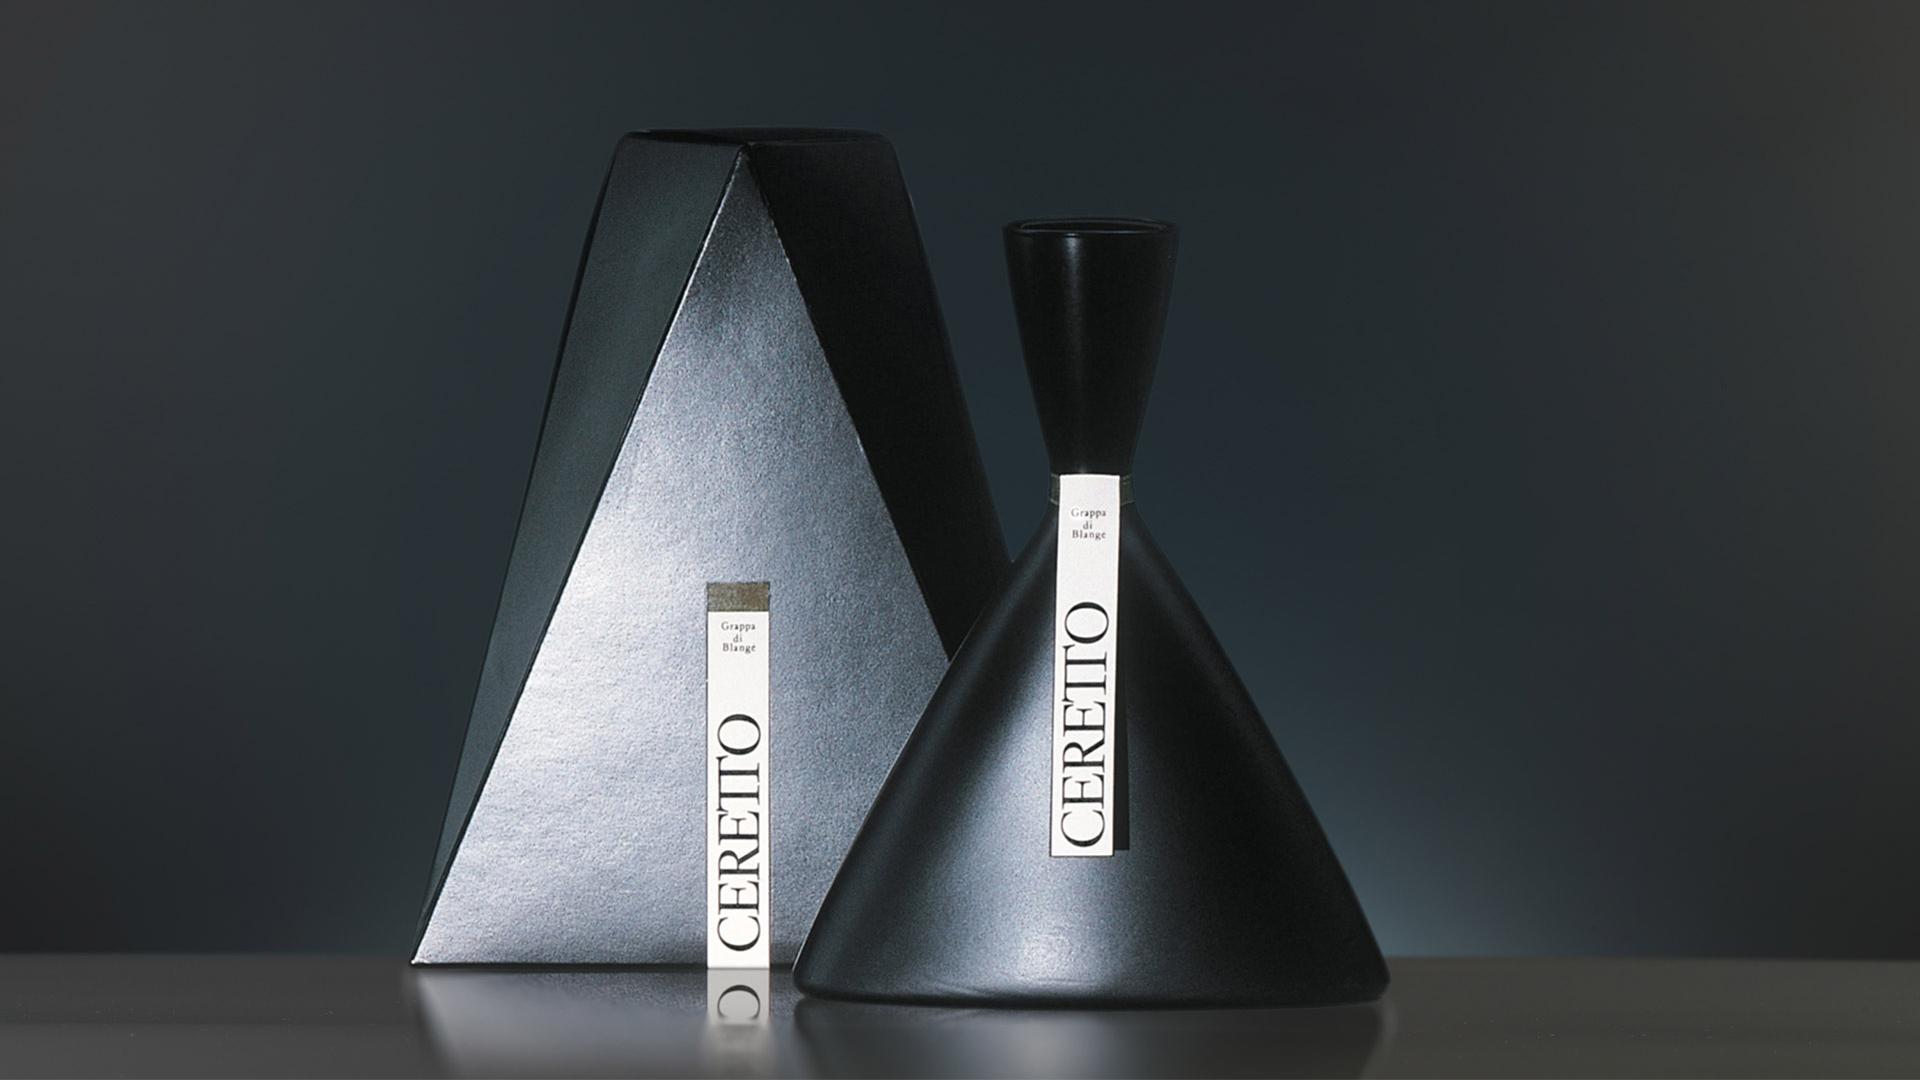 Ceretto bottle design